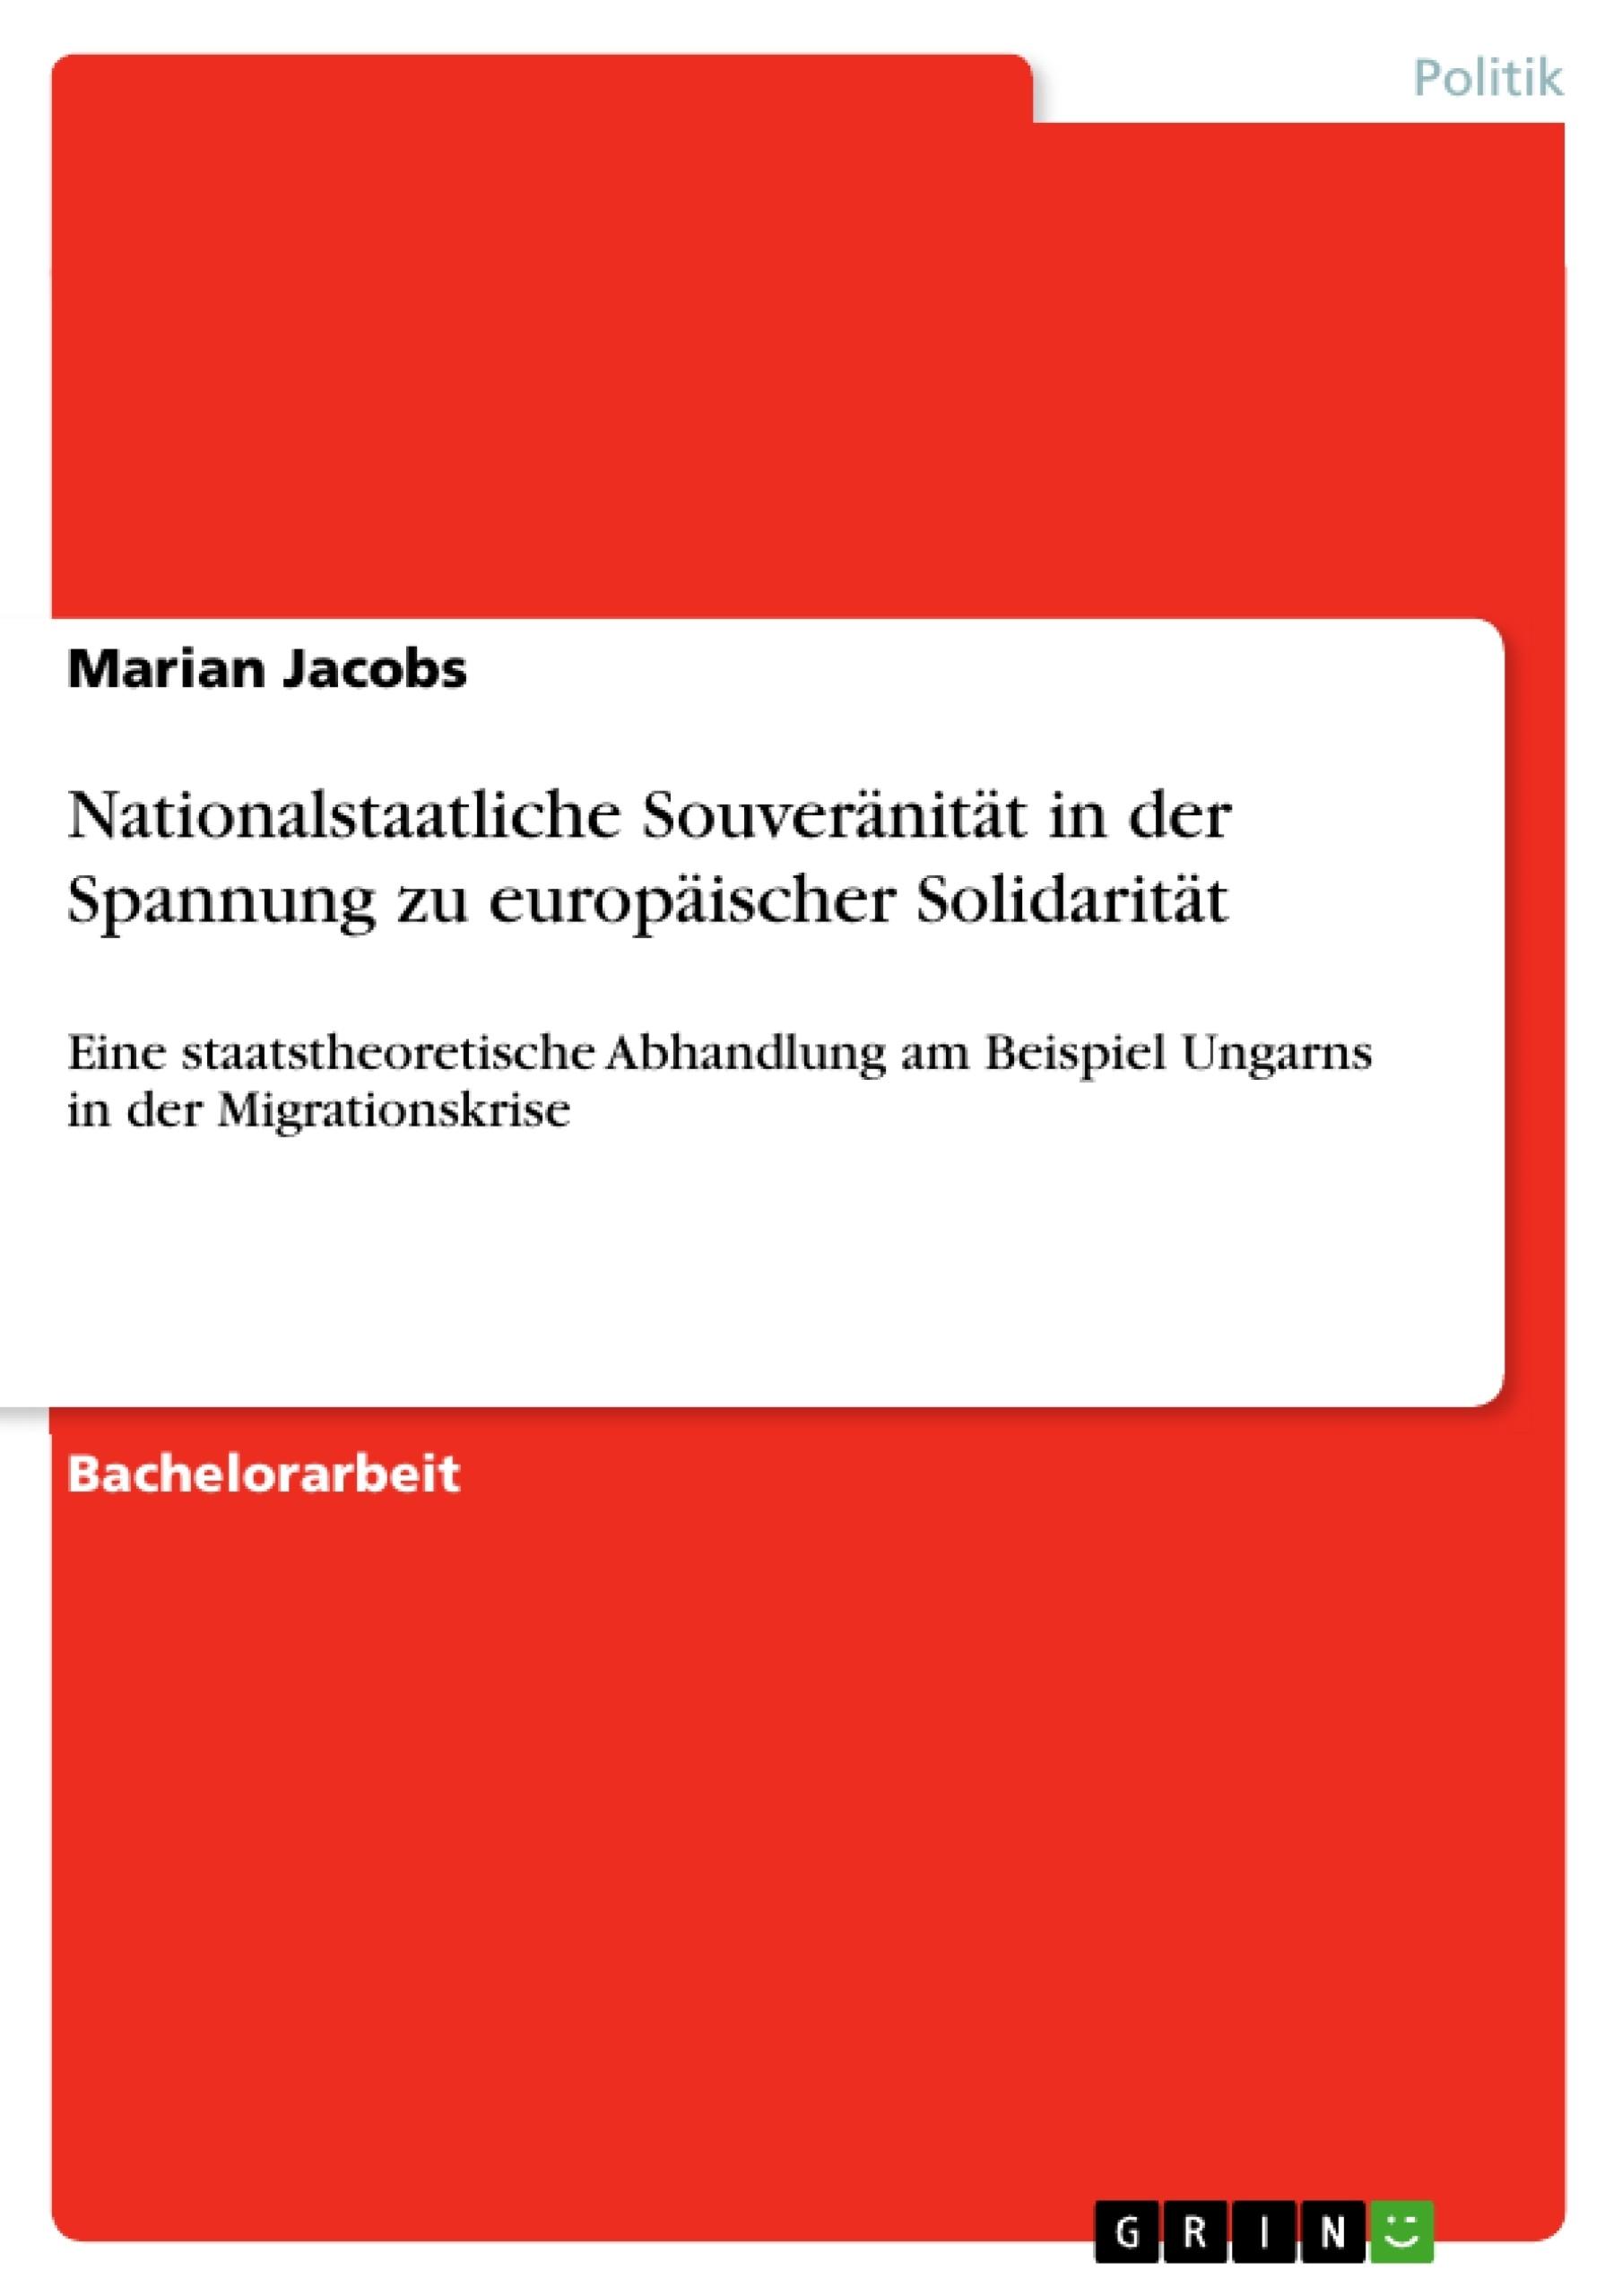 Titel: Nationalstaatliche Souveränität in der Spannung zu europäischer Solidarität